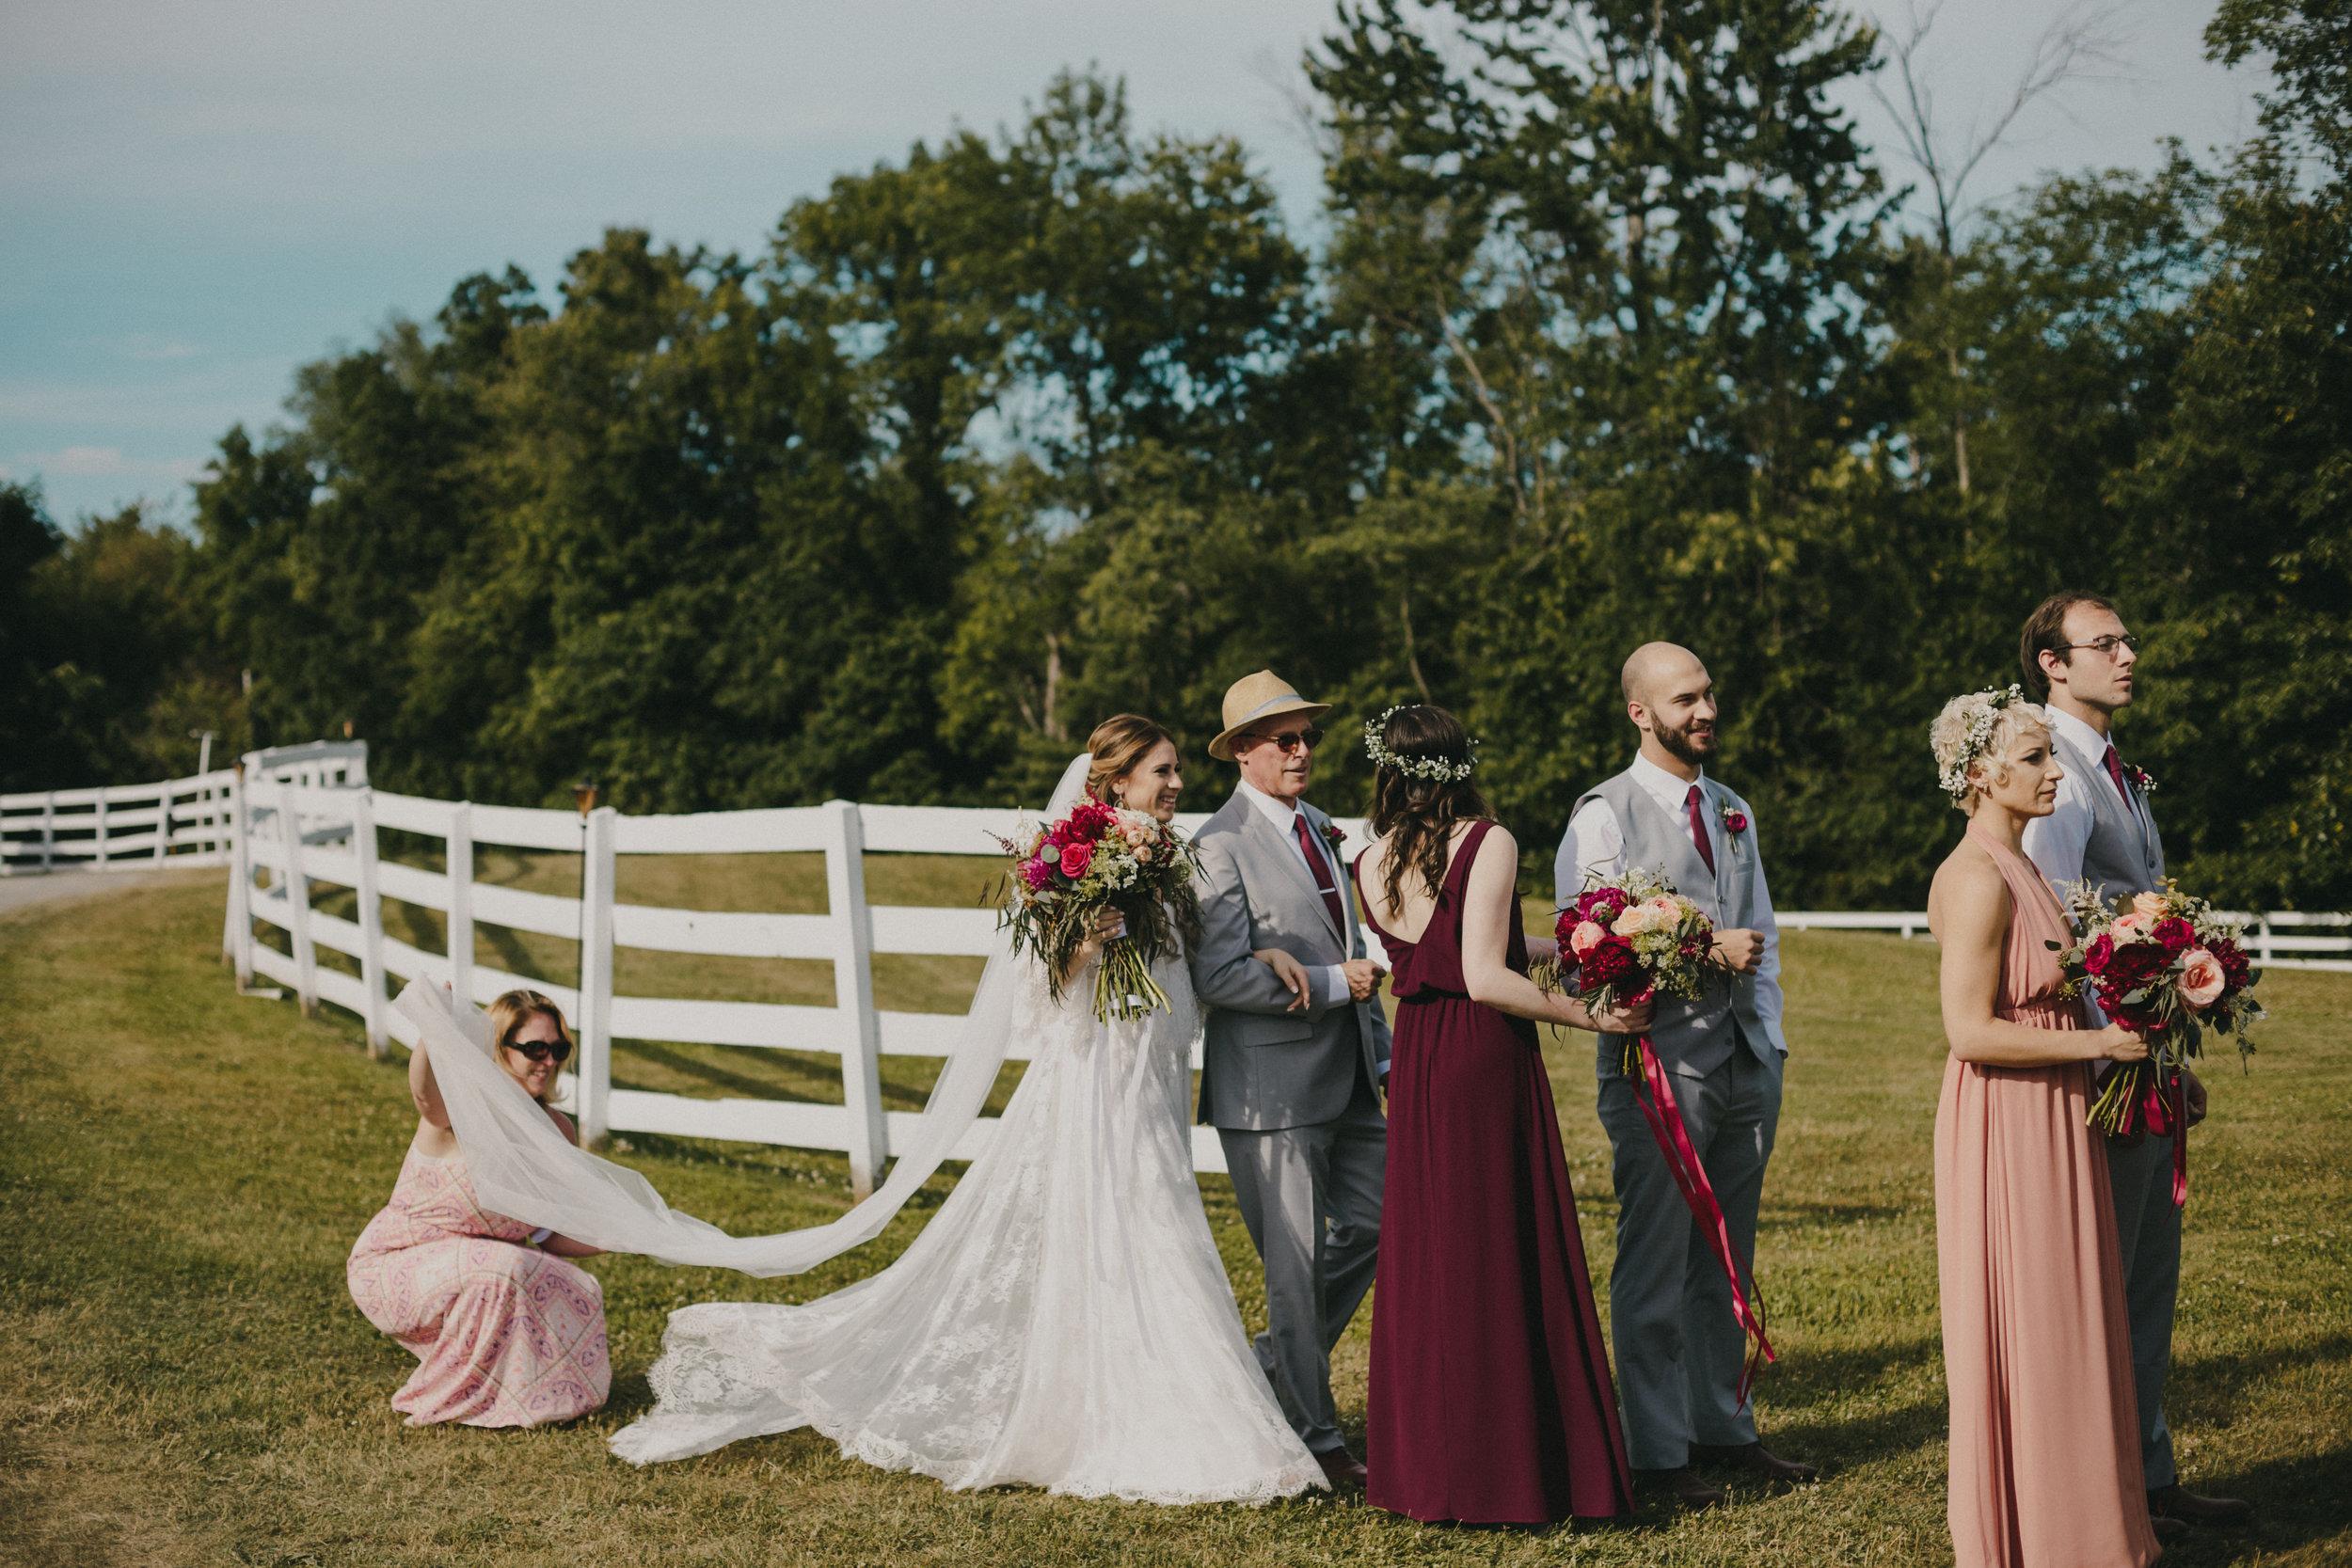 869-20180616-Amanda_Brett_Catskills_Summer_Boho_Wedding.jpg